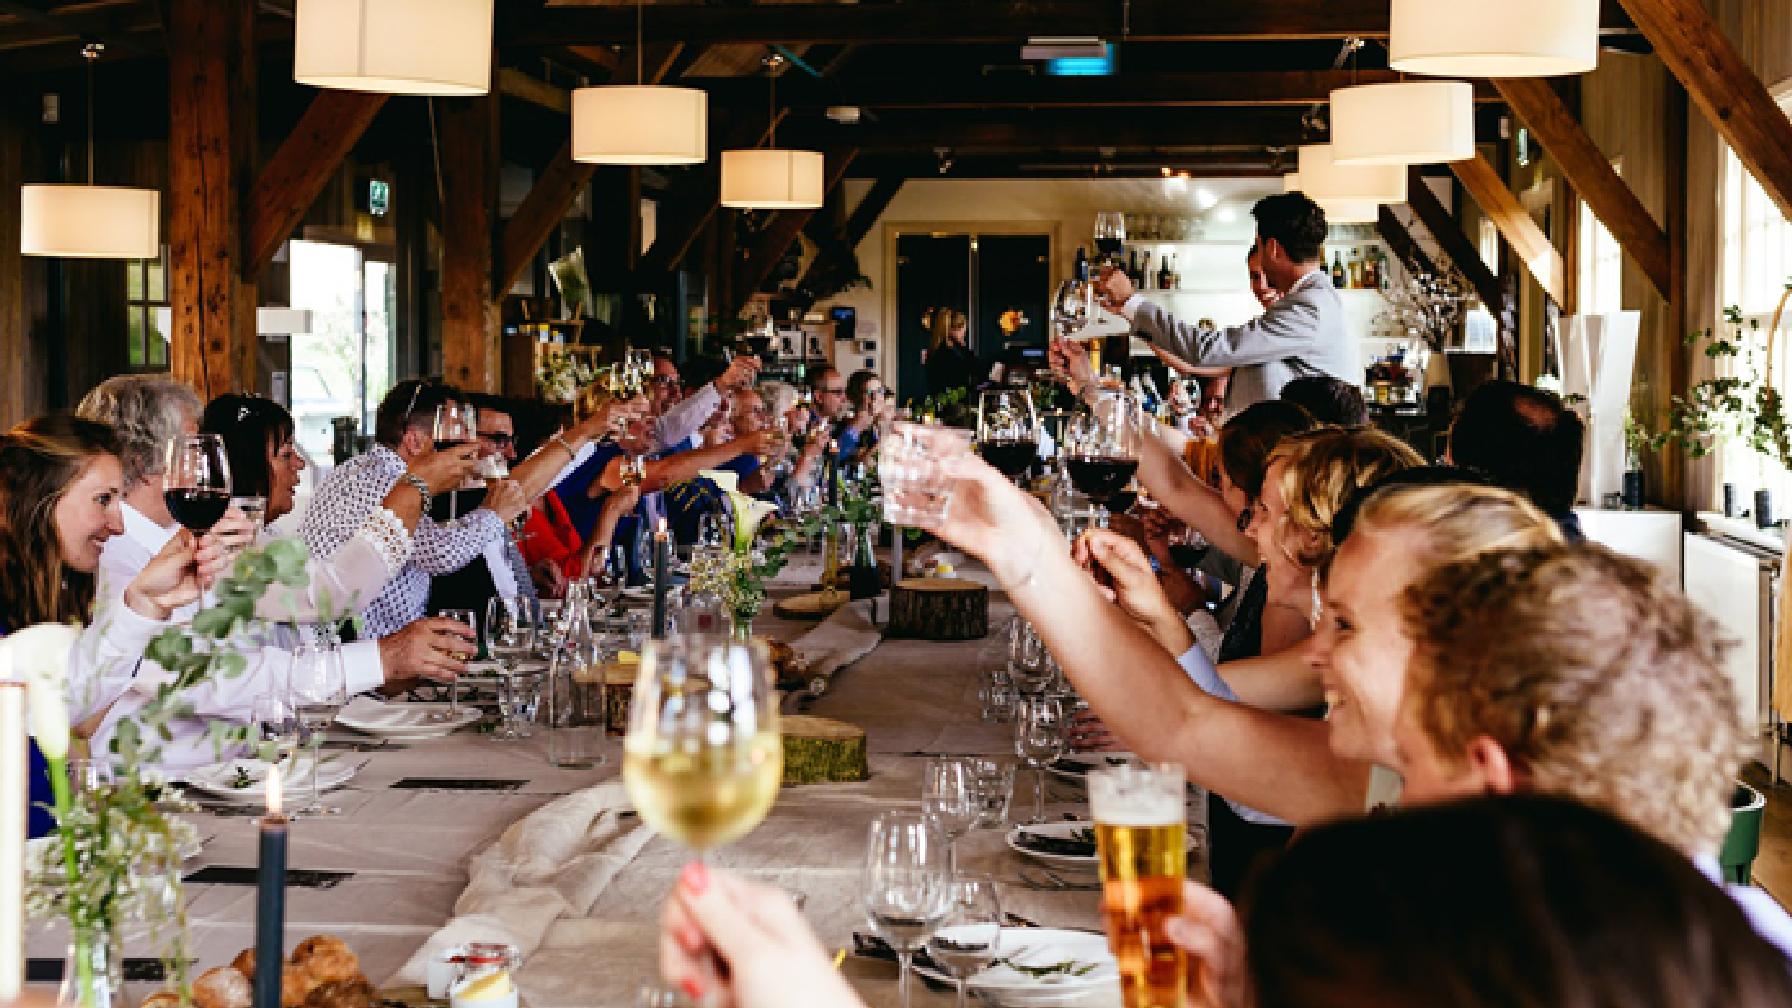 Familiefeest, wijn, restaurant